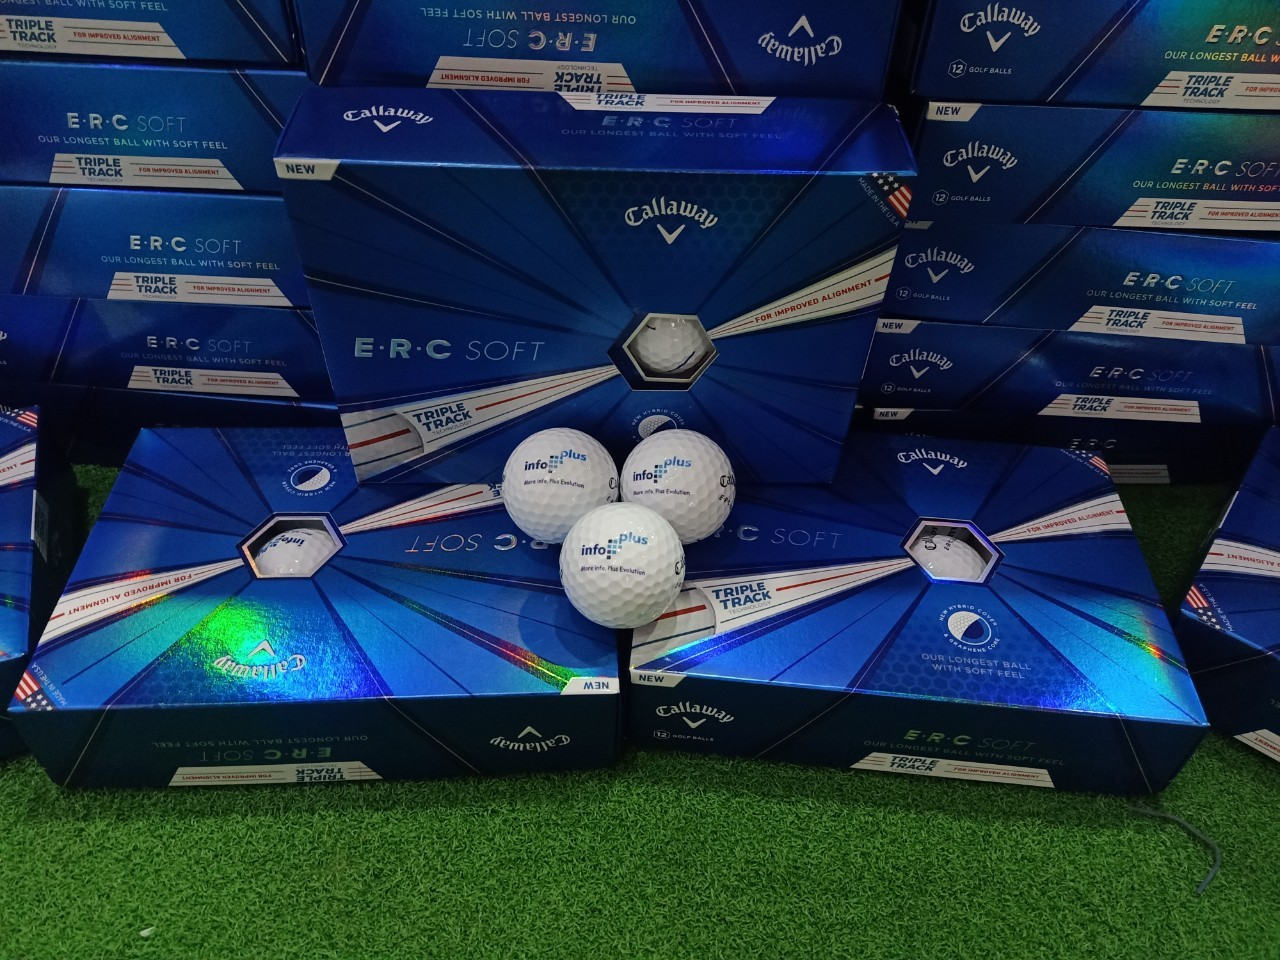 Báo giá in bóng Golf tại Hà Nội